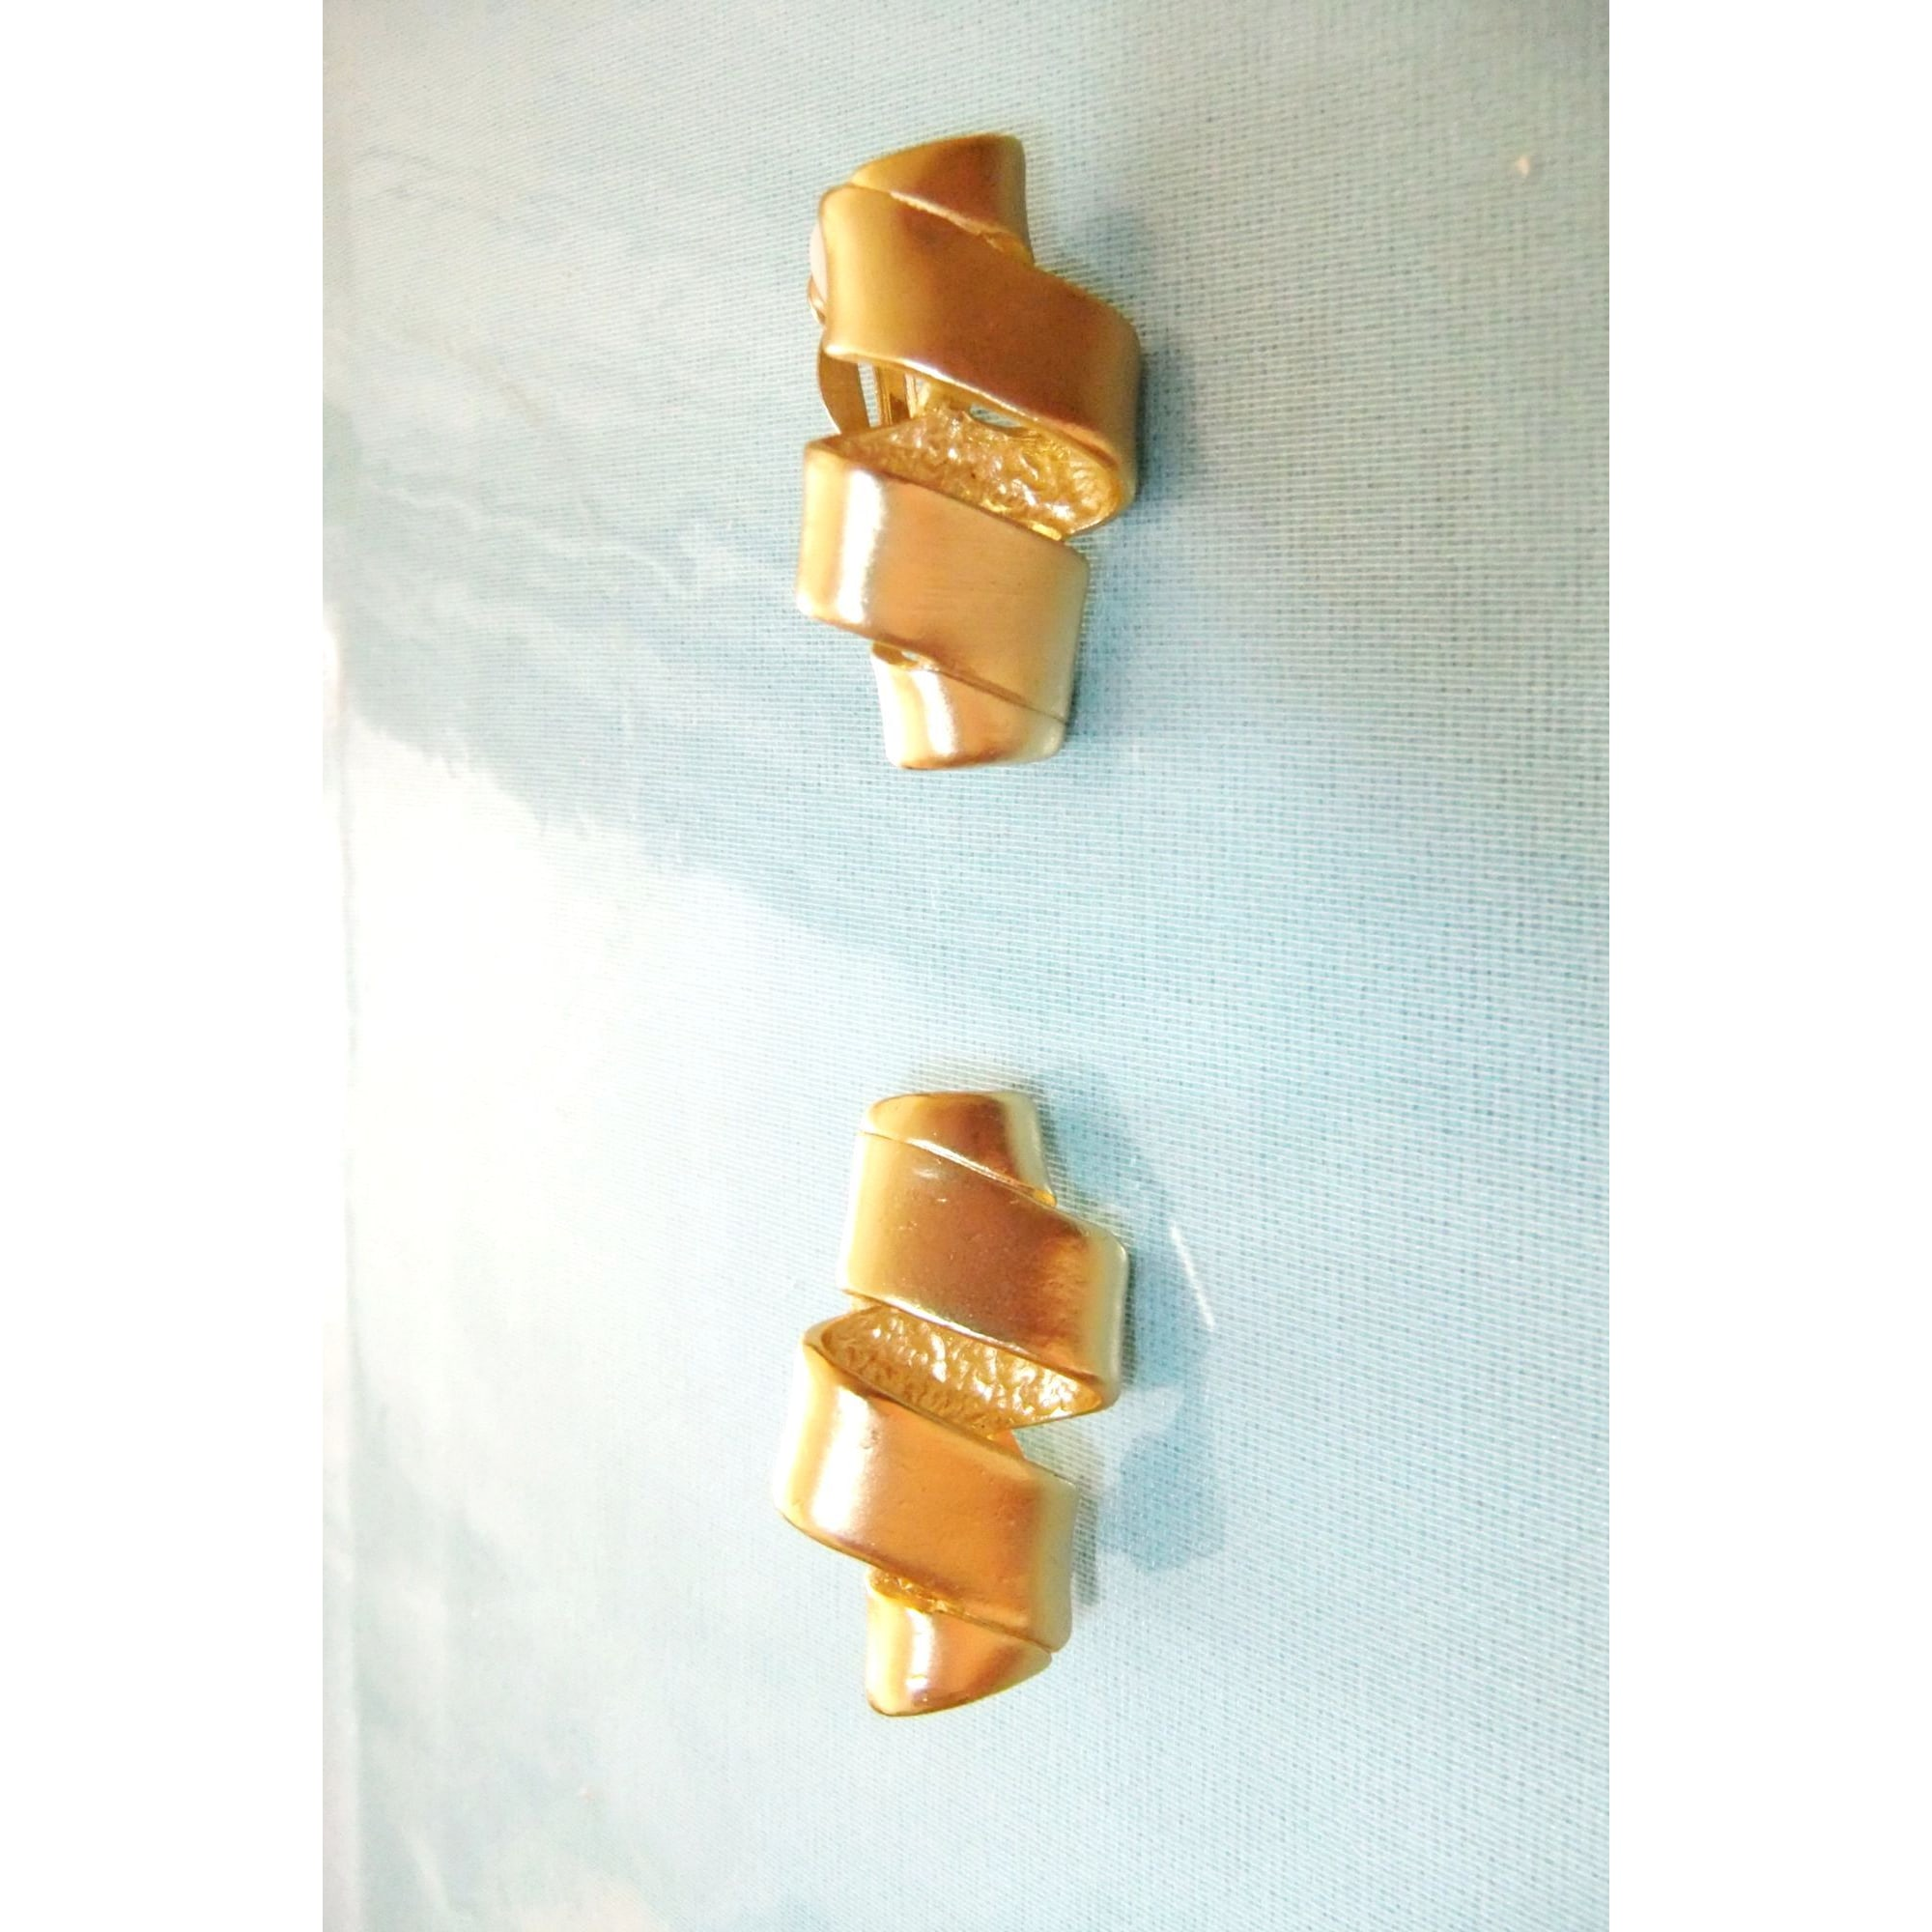 Boucles d'oreille DOLCE VITA Doré, bronze, cuivre